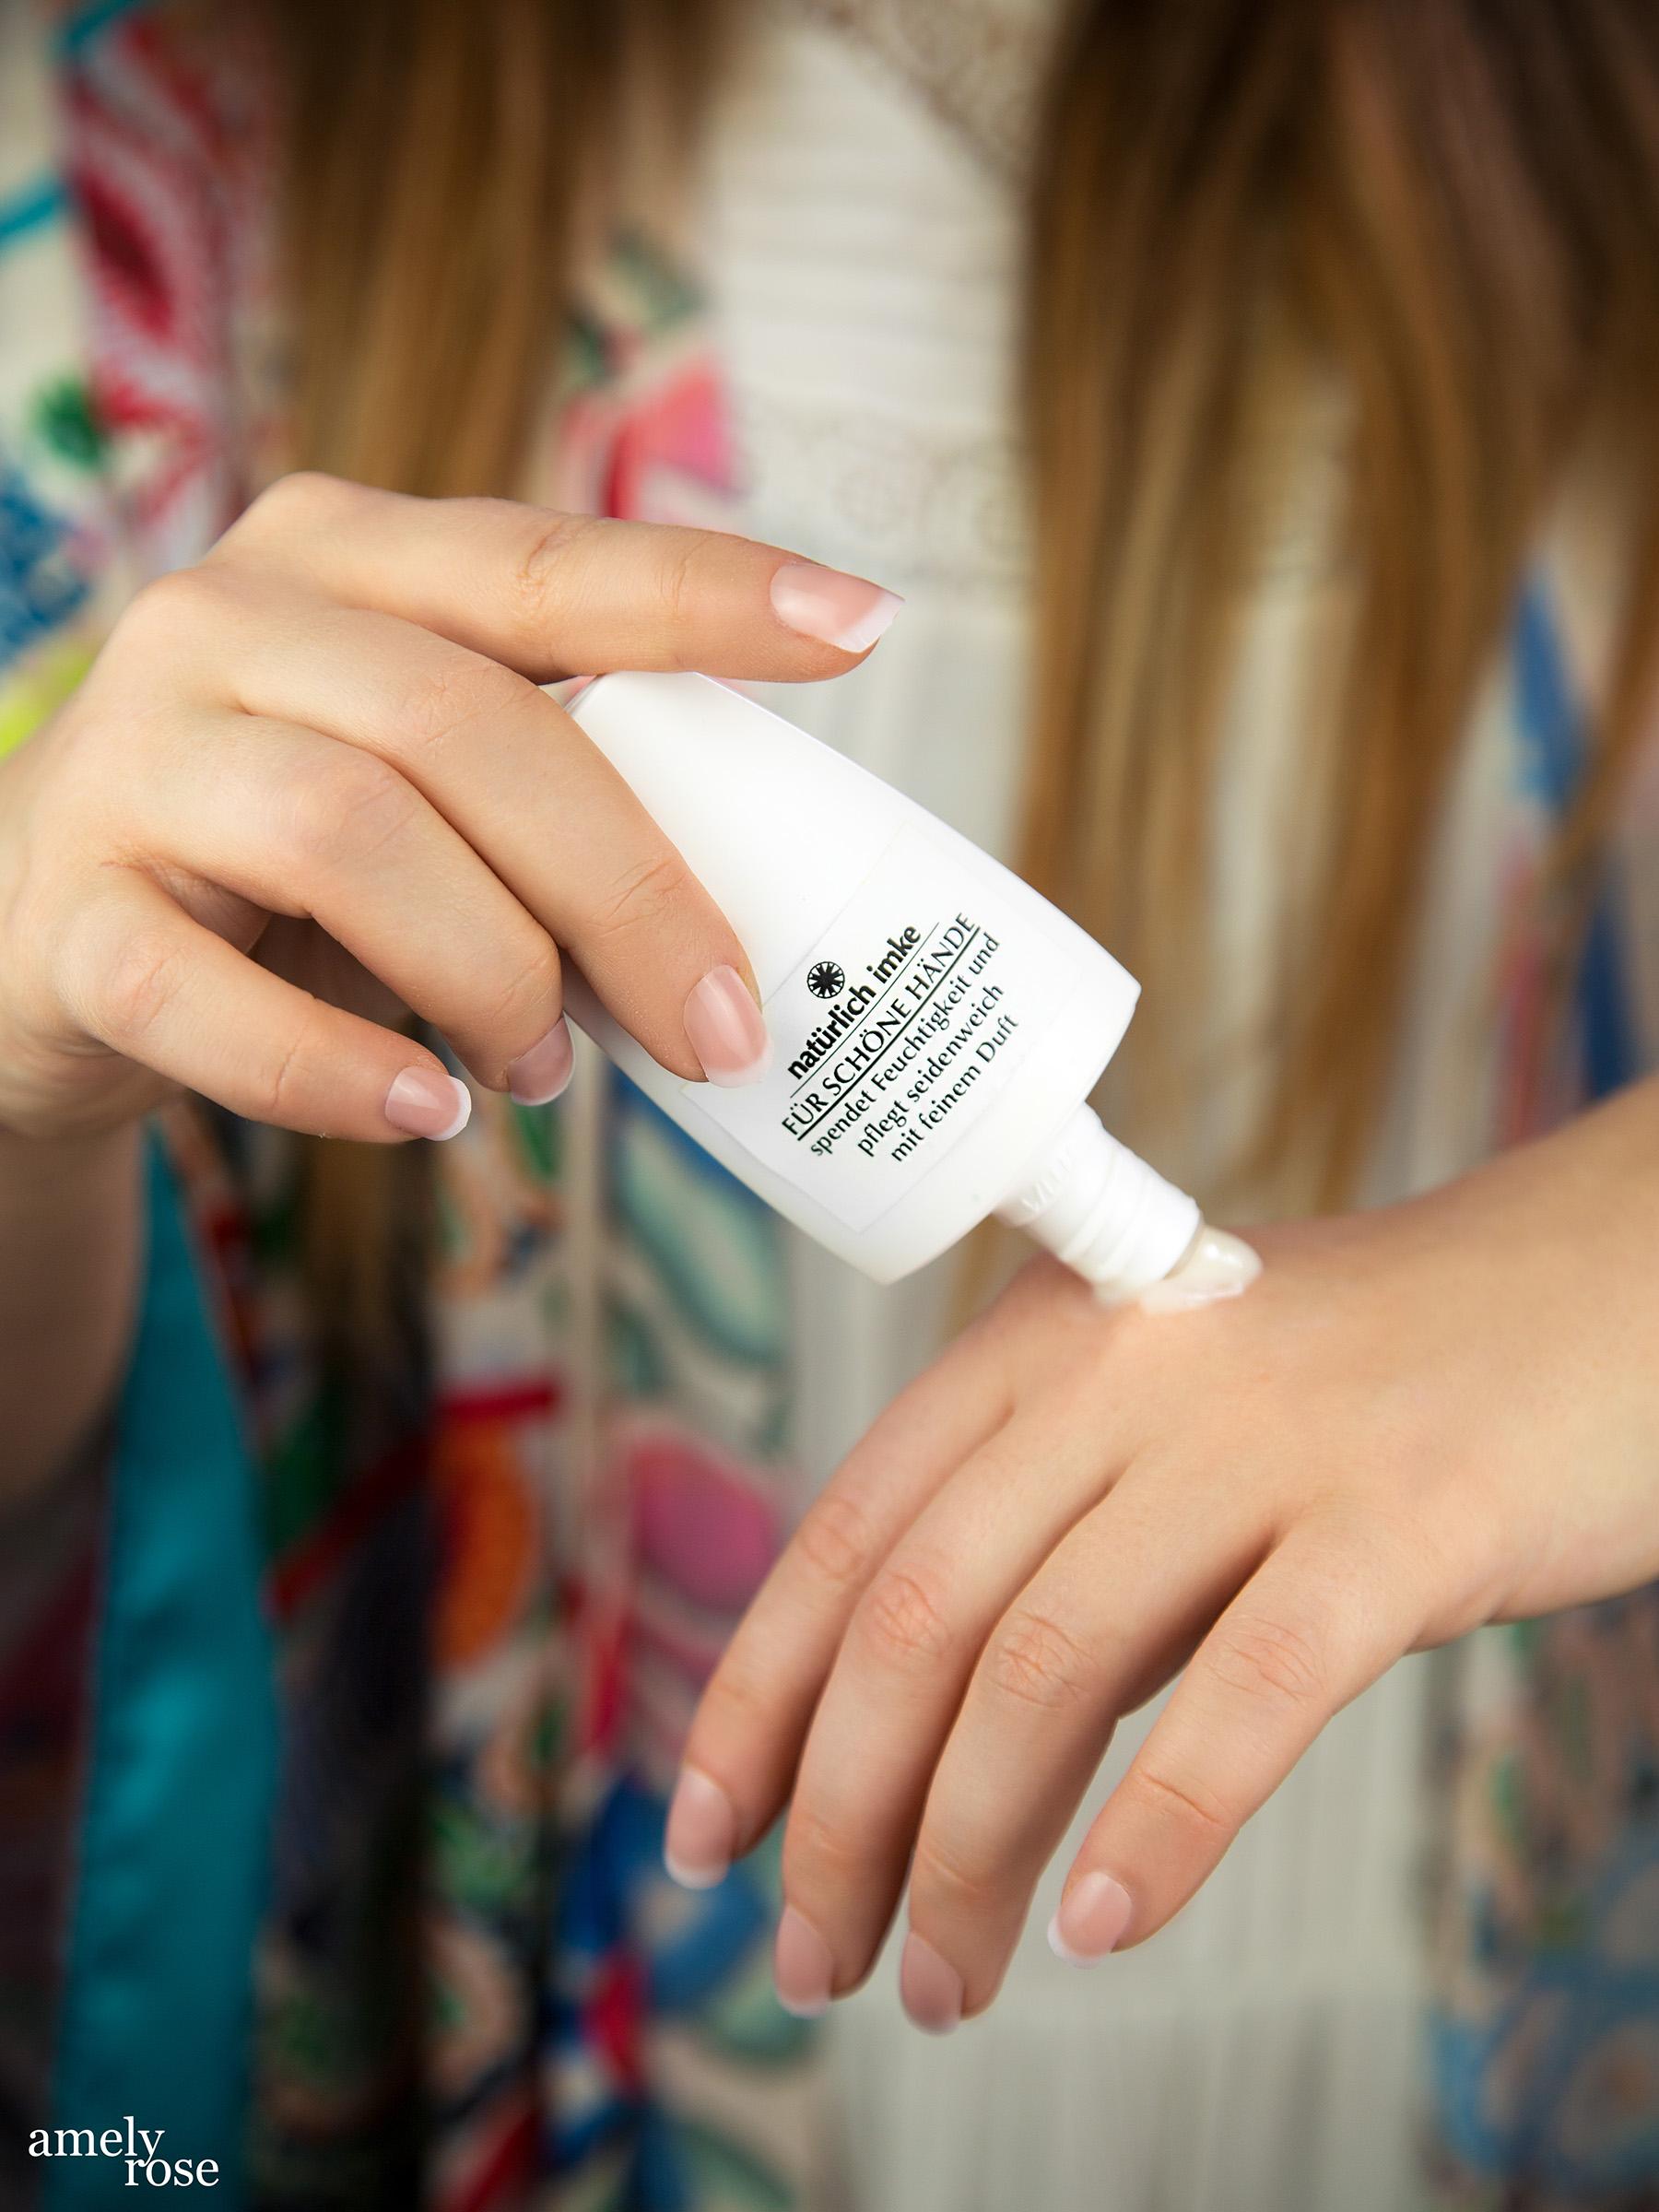 amely rose beautyblogger handcreme handpflege beautyprodukte natürlich imke naturkosmetik